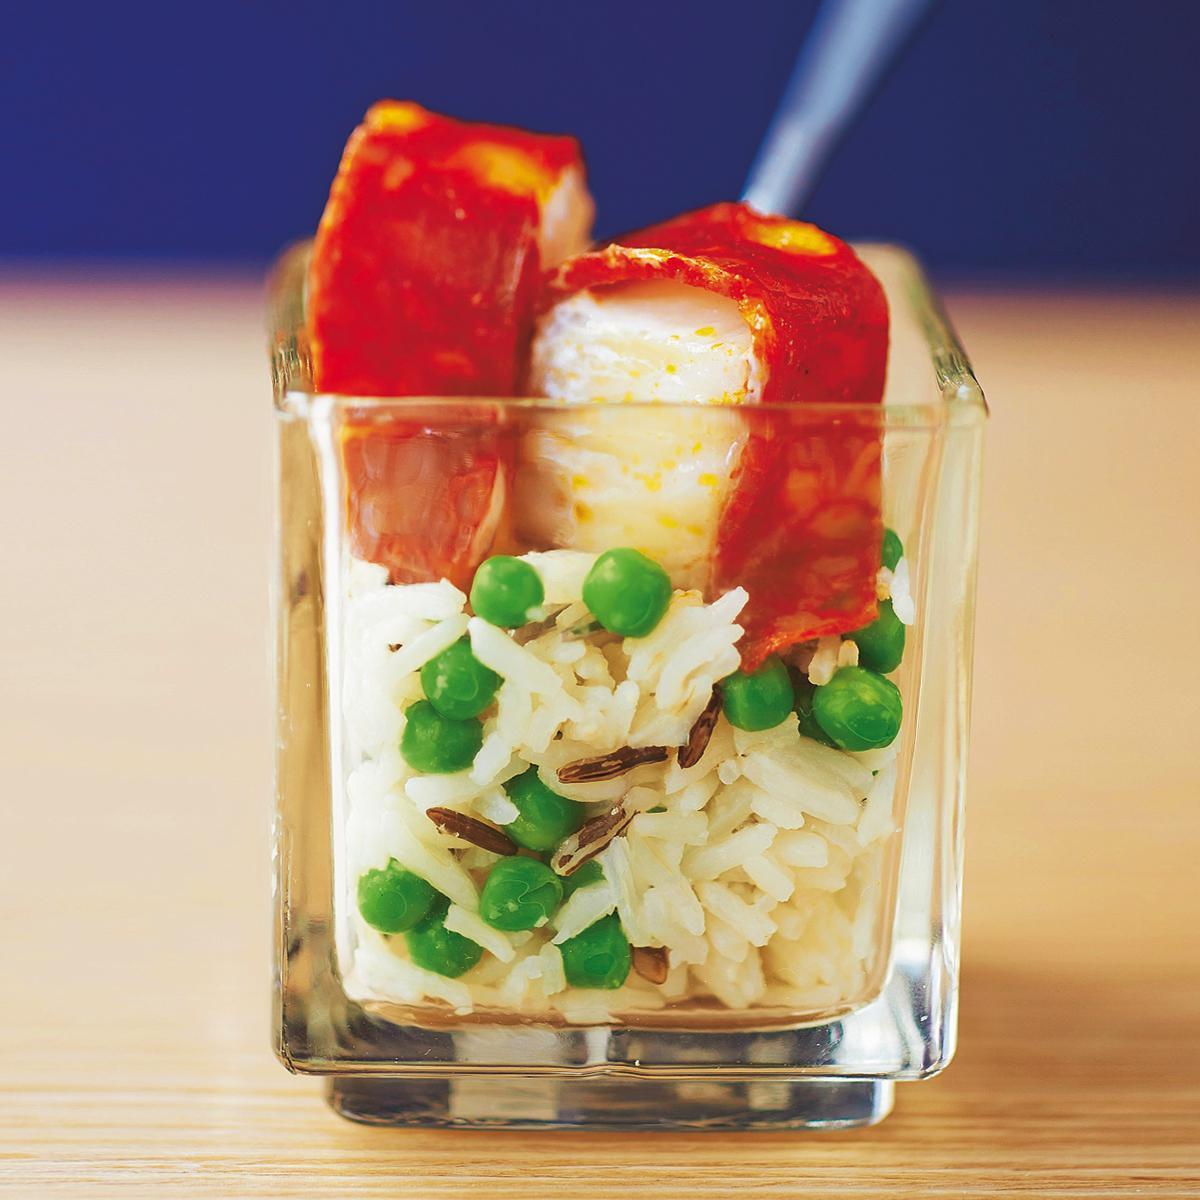 Nos plus belles id es recettes de verrines sal es pour briller l 39 ap ro no l cuisine - Verrine pour noel ...